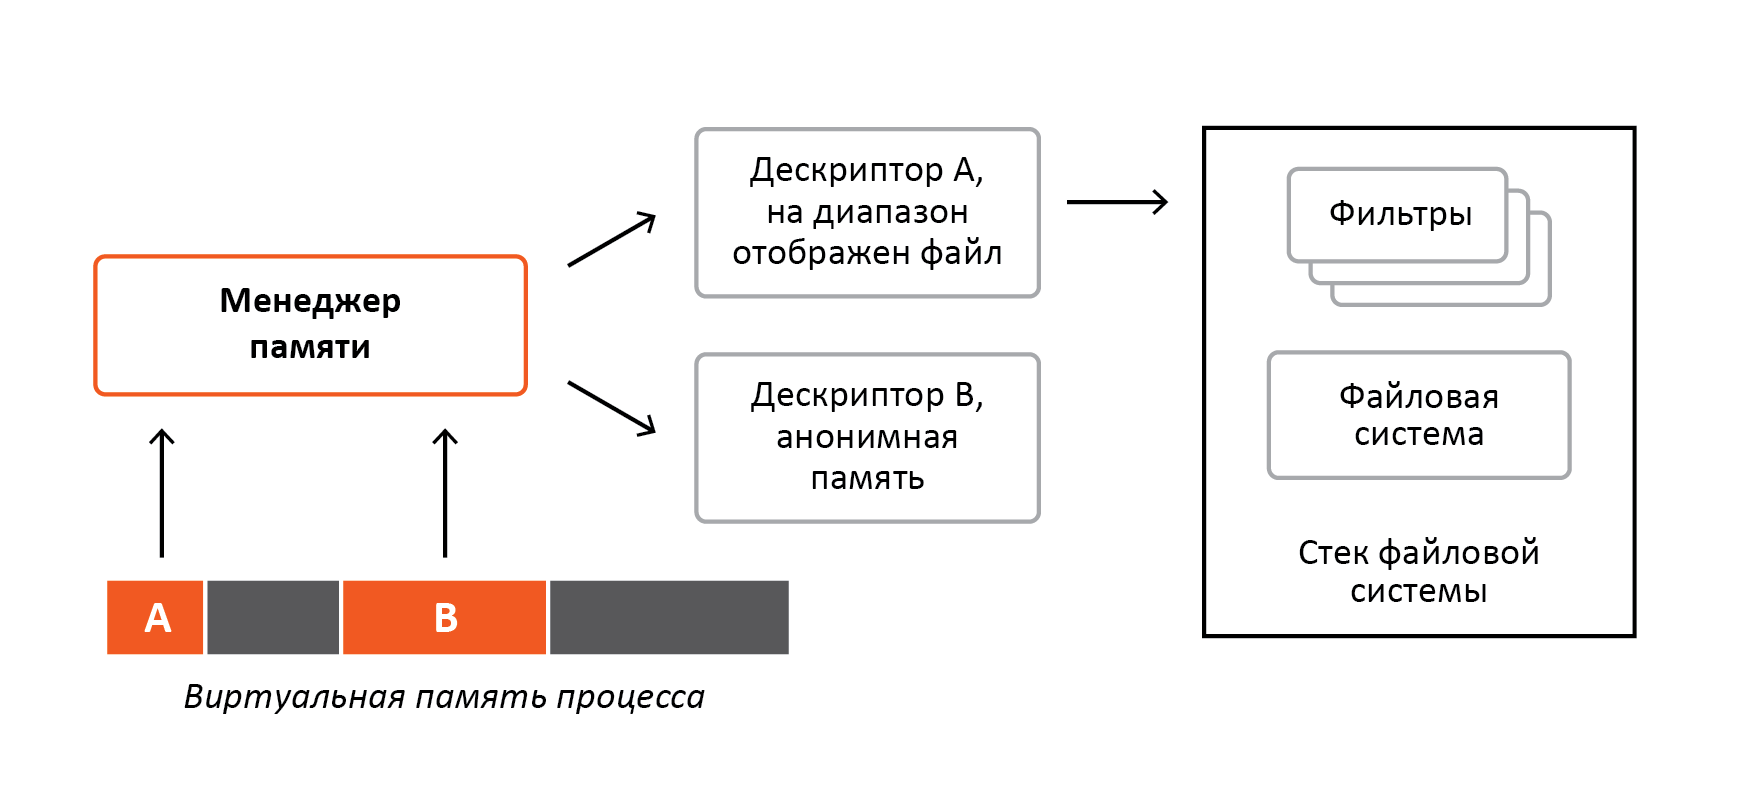 «Разрубить Гордиев узел» или преодоление проблем шифрования информации в ОС Windows - 2